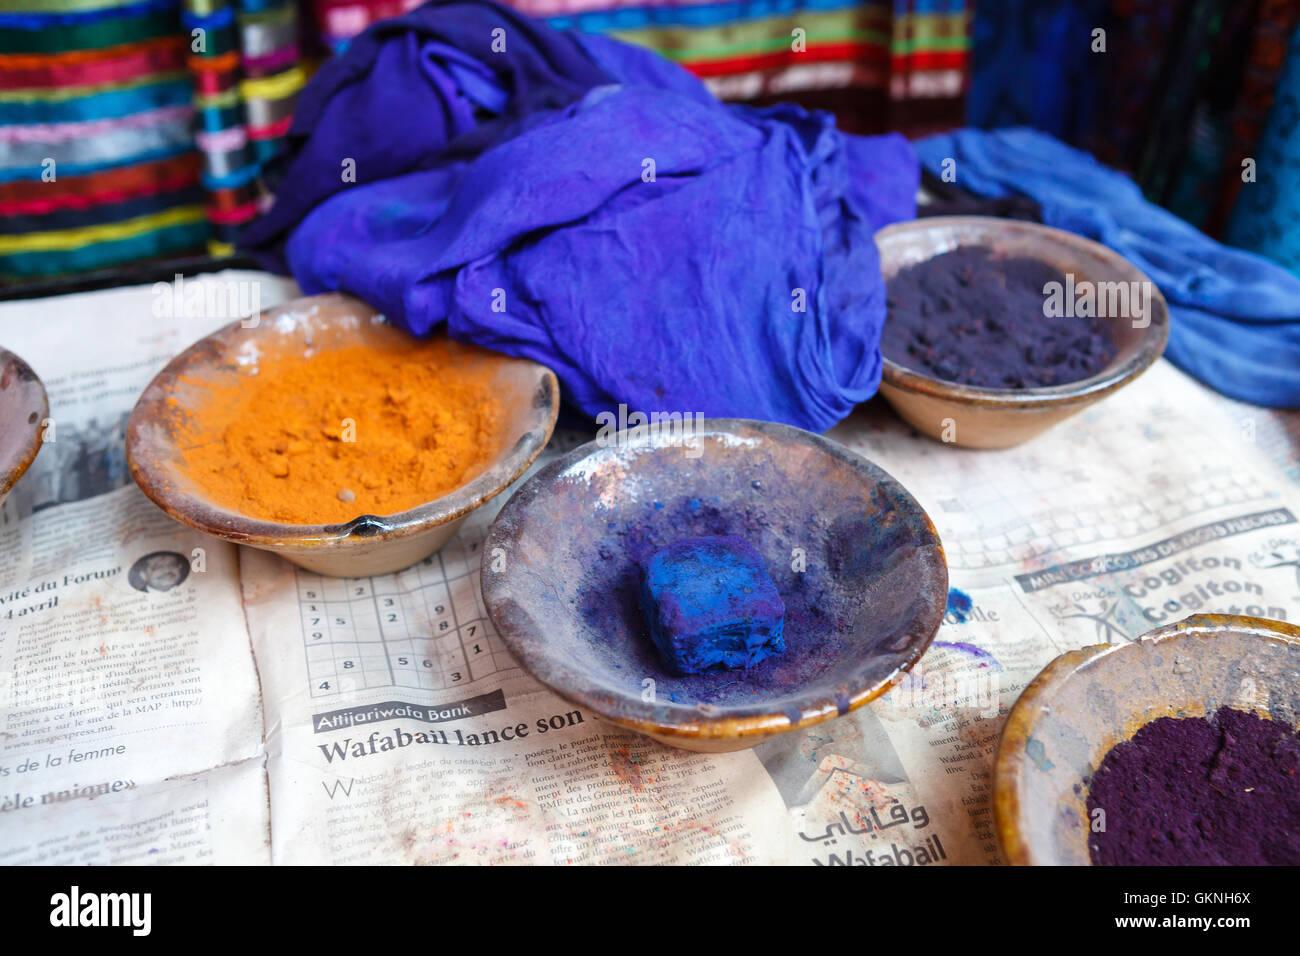 Recipientes con diferentes pigmentos en la mesa, Marrakech, Marruecos Foto de stock